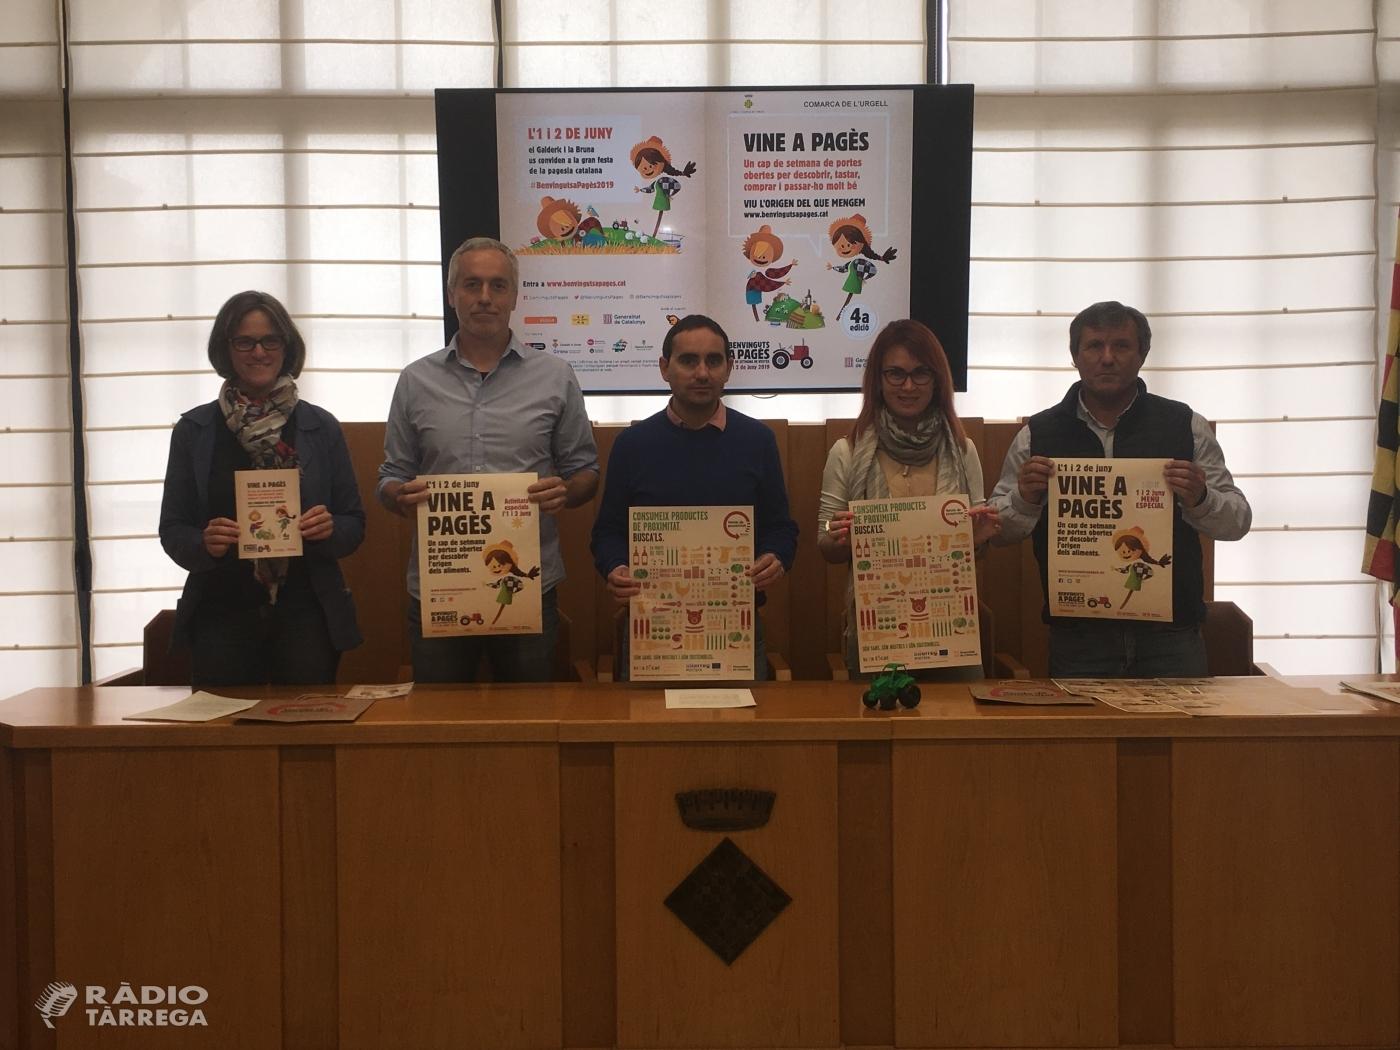 4ª Edició del cap de setmana del Benvinguts a Pagès a l'Urgell